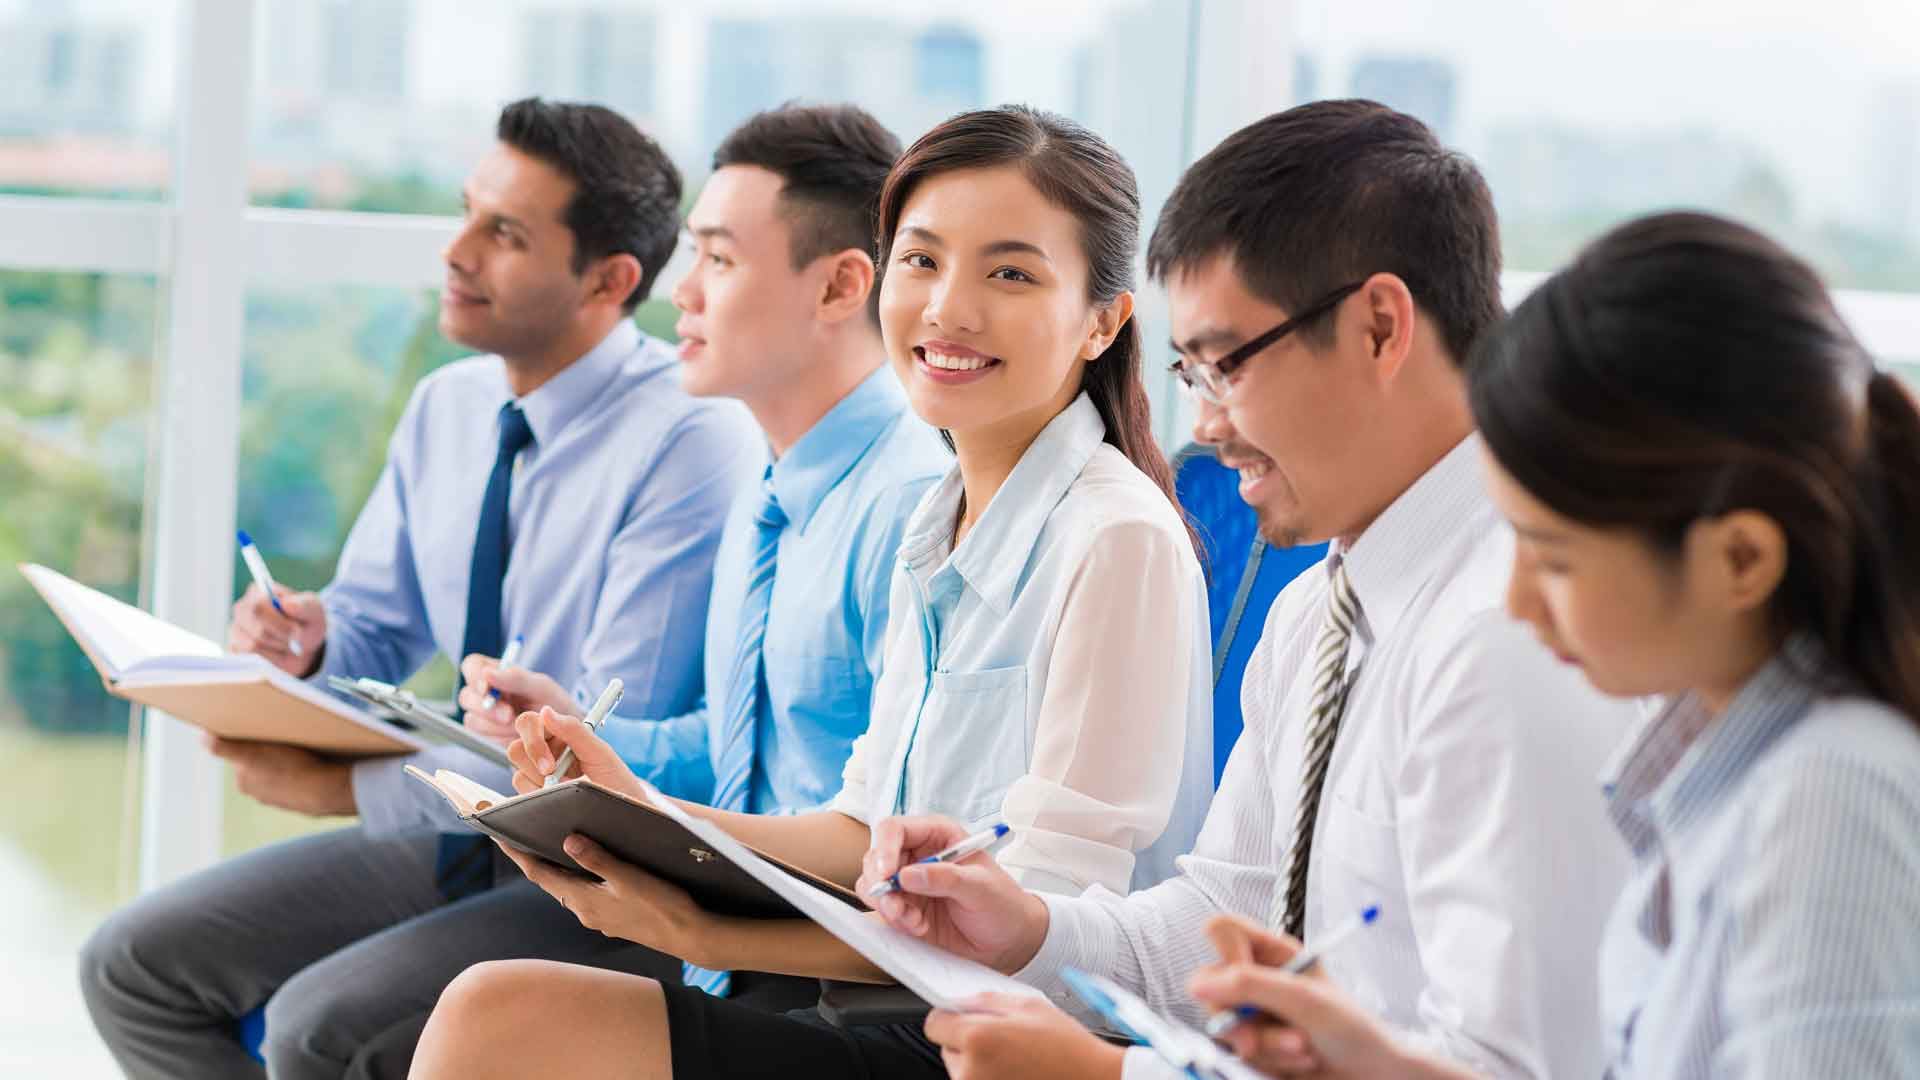 Xây dựng kế hoạch đào tạo chuyên nghiệp trong công ty